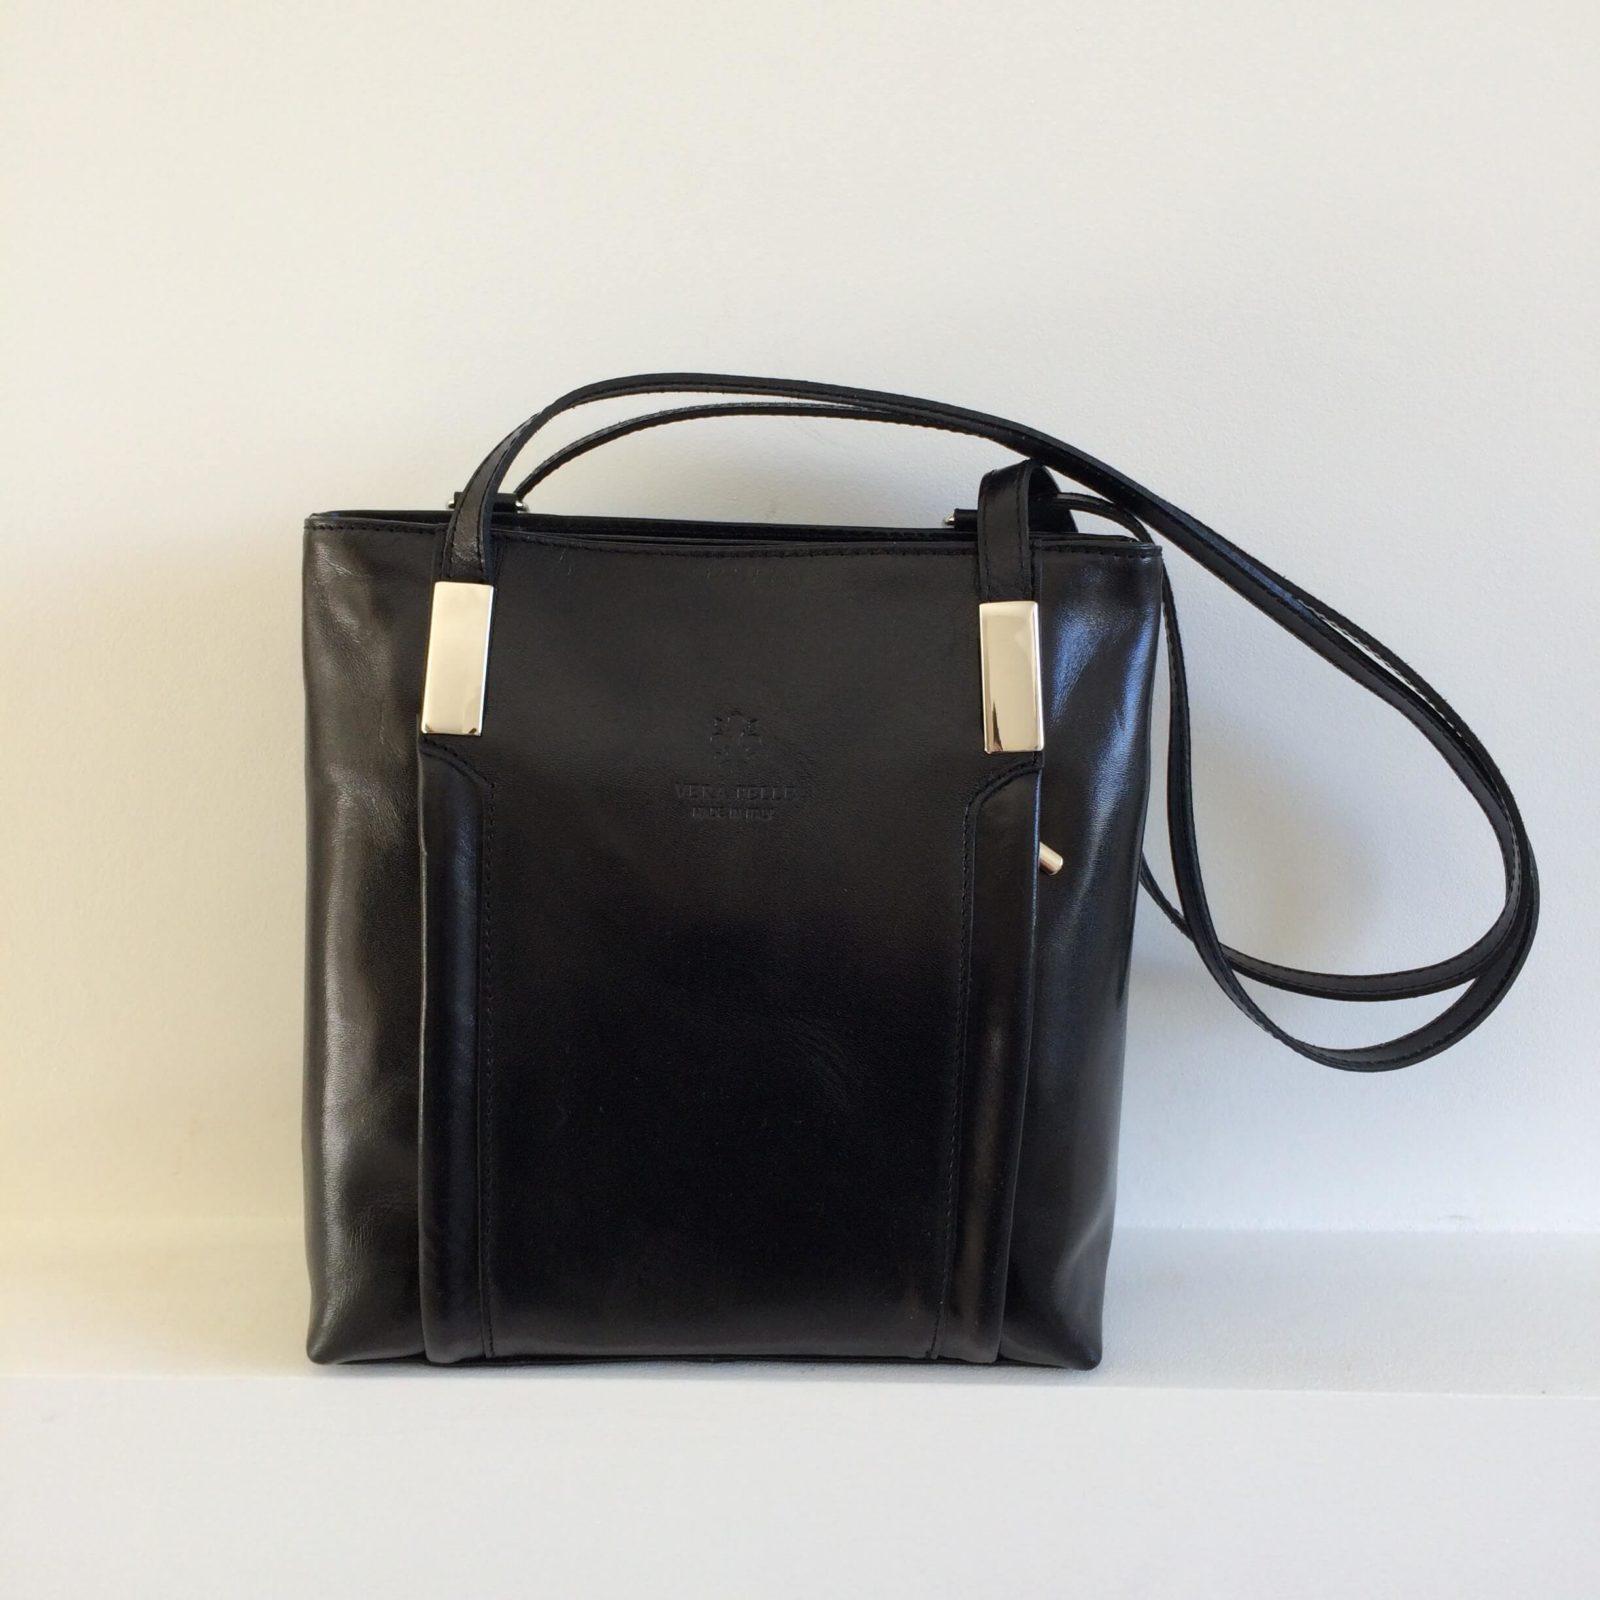 rugtas en schoudertas in een rugzak zwart